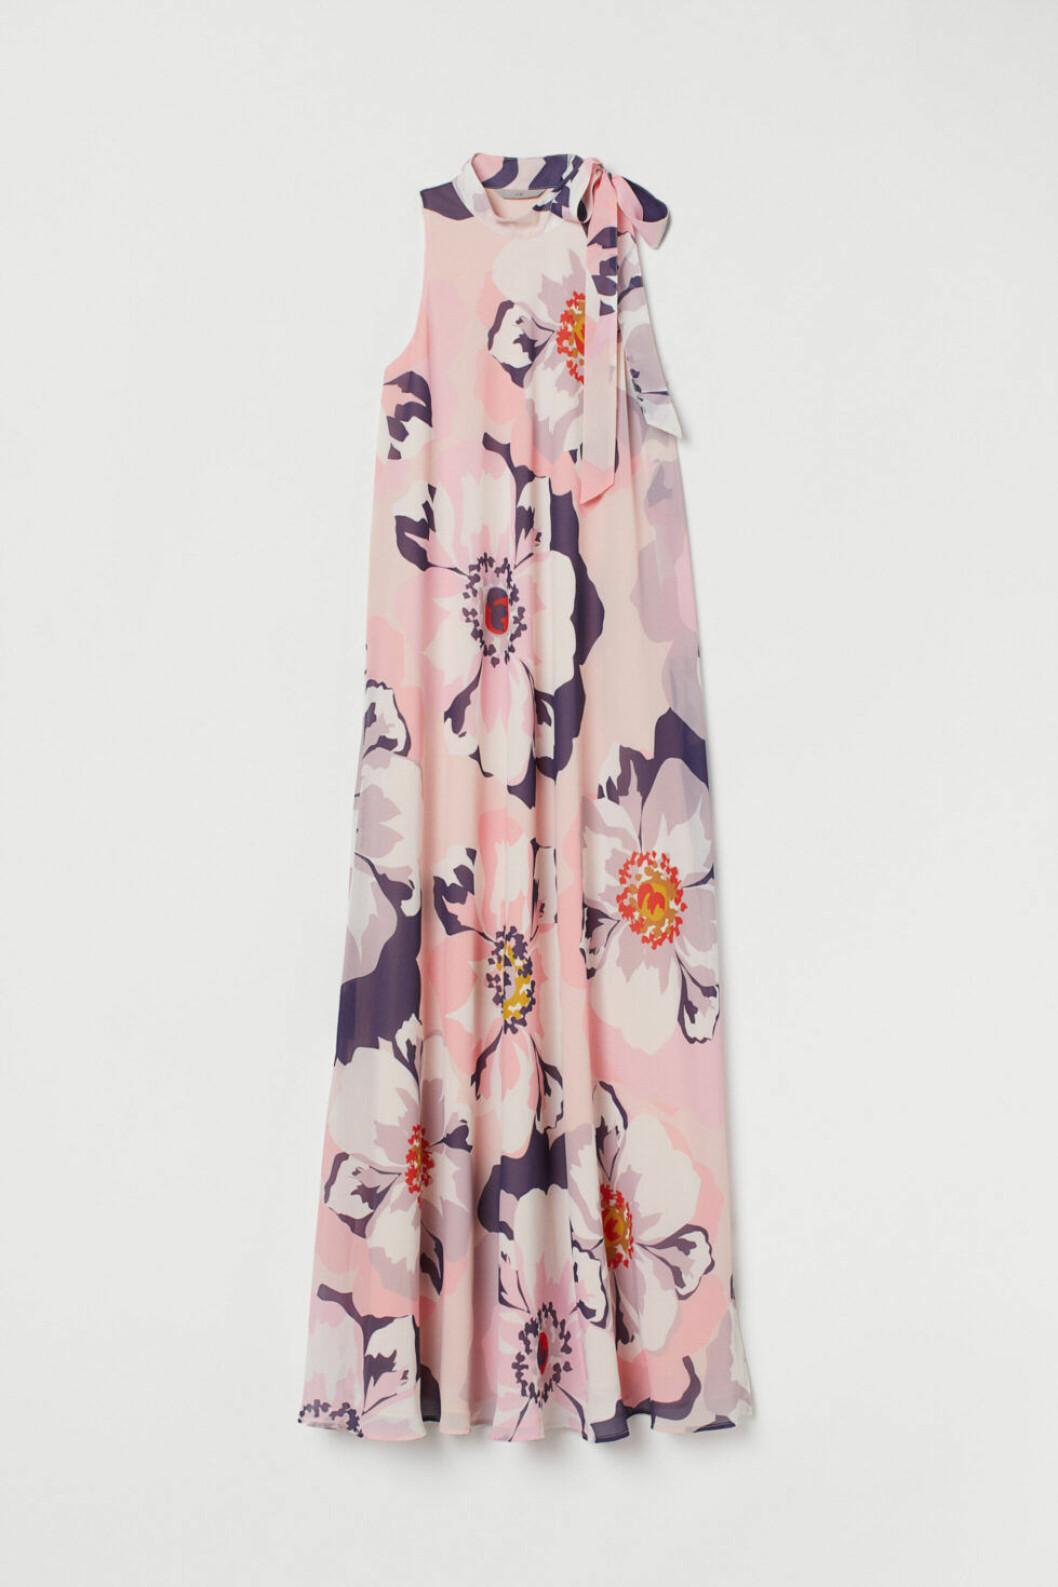 blommiga klänningar 2019